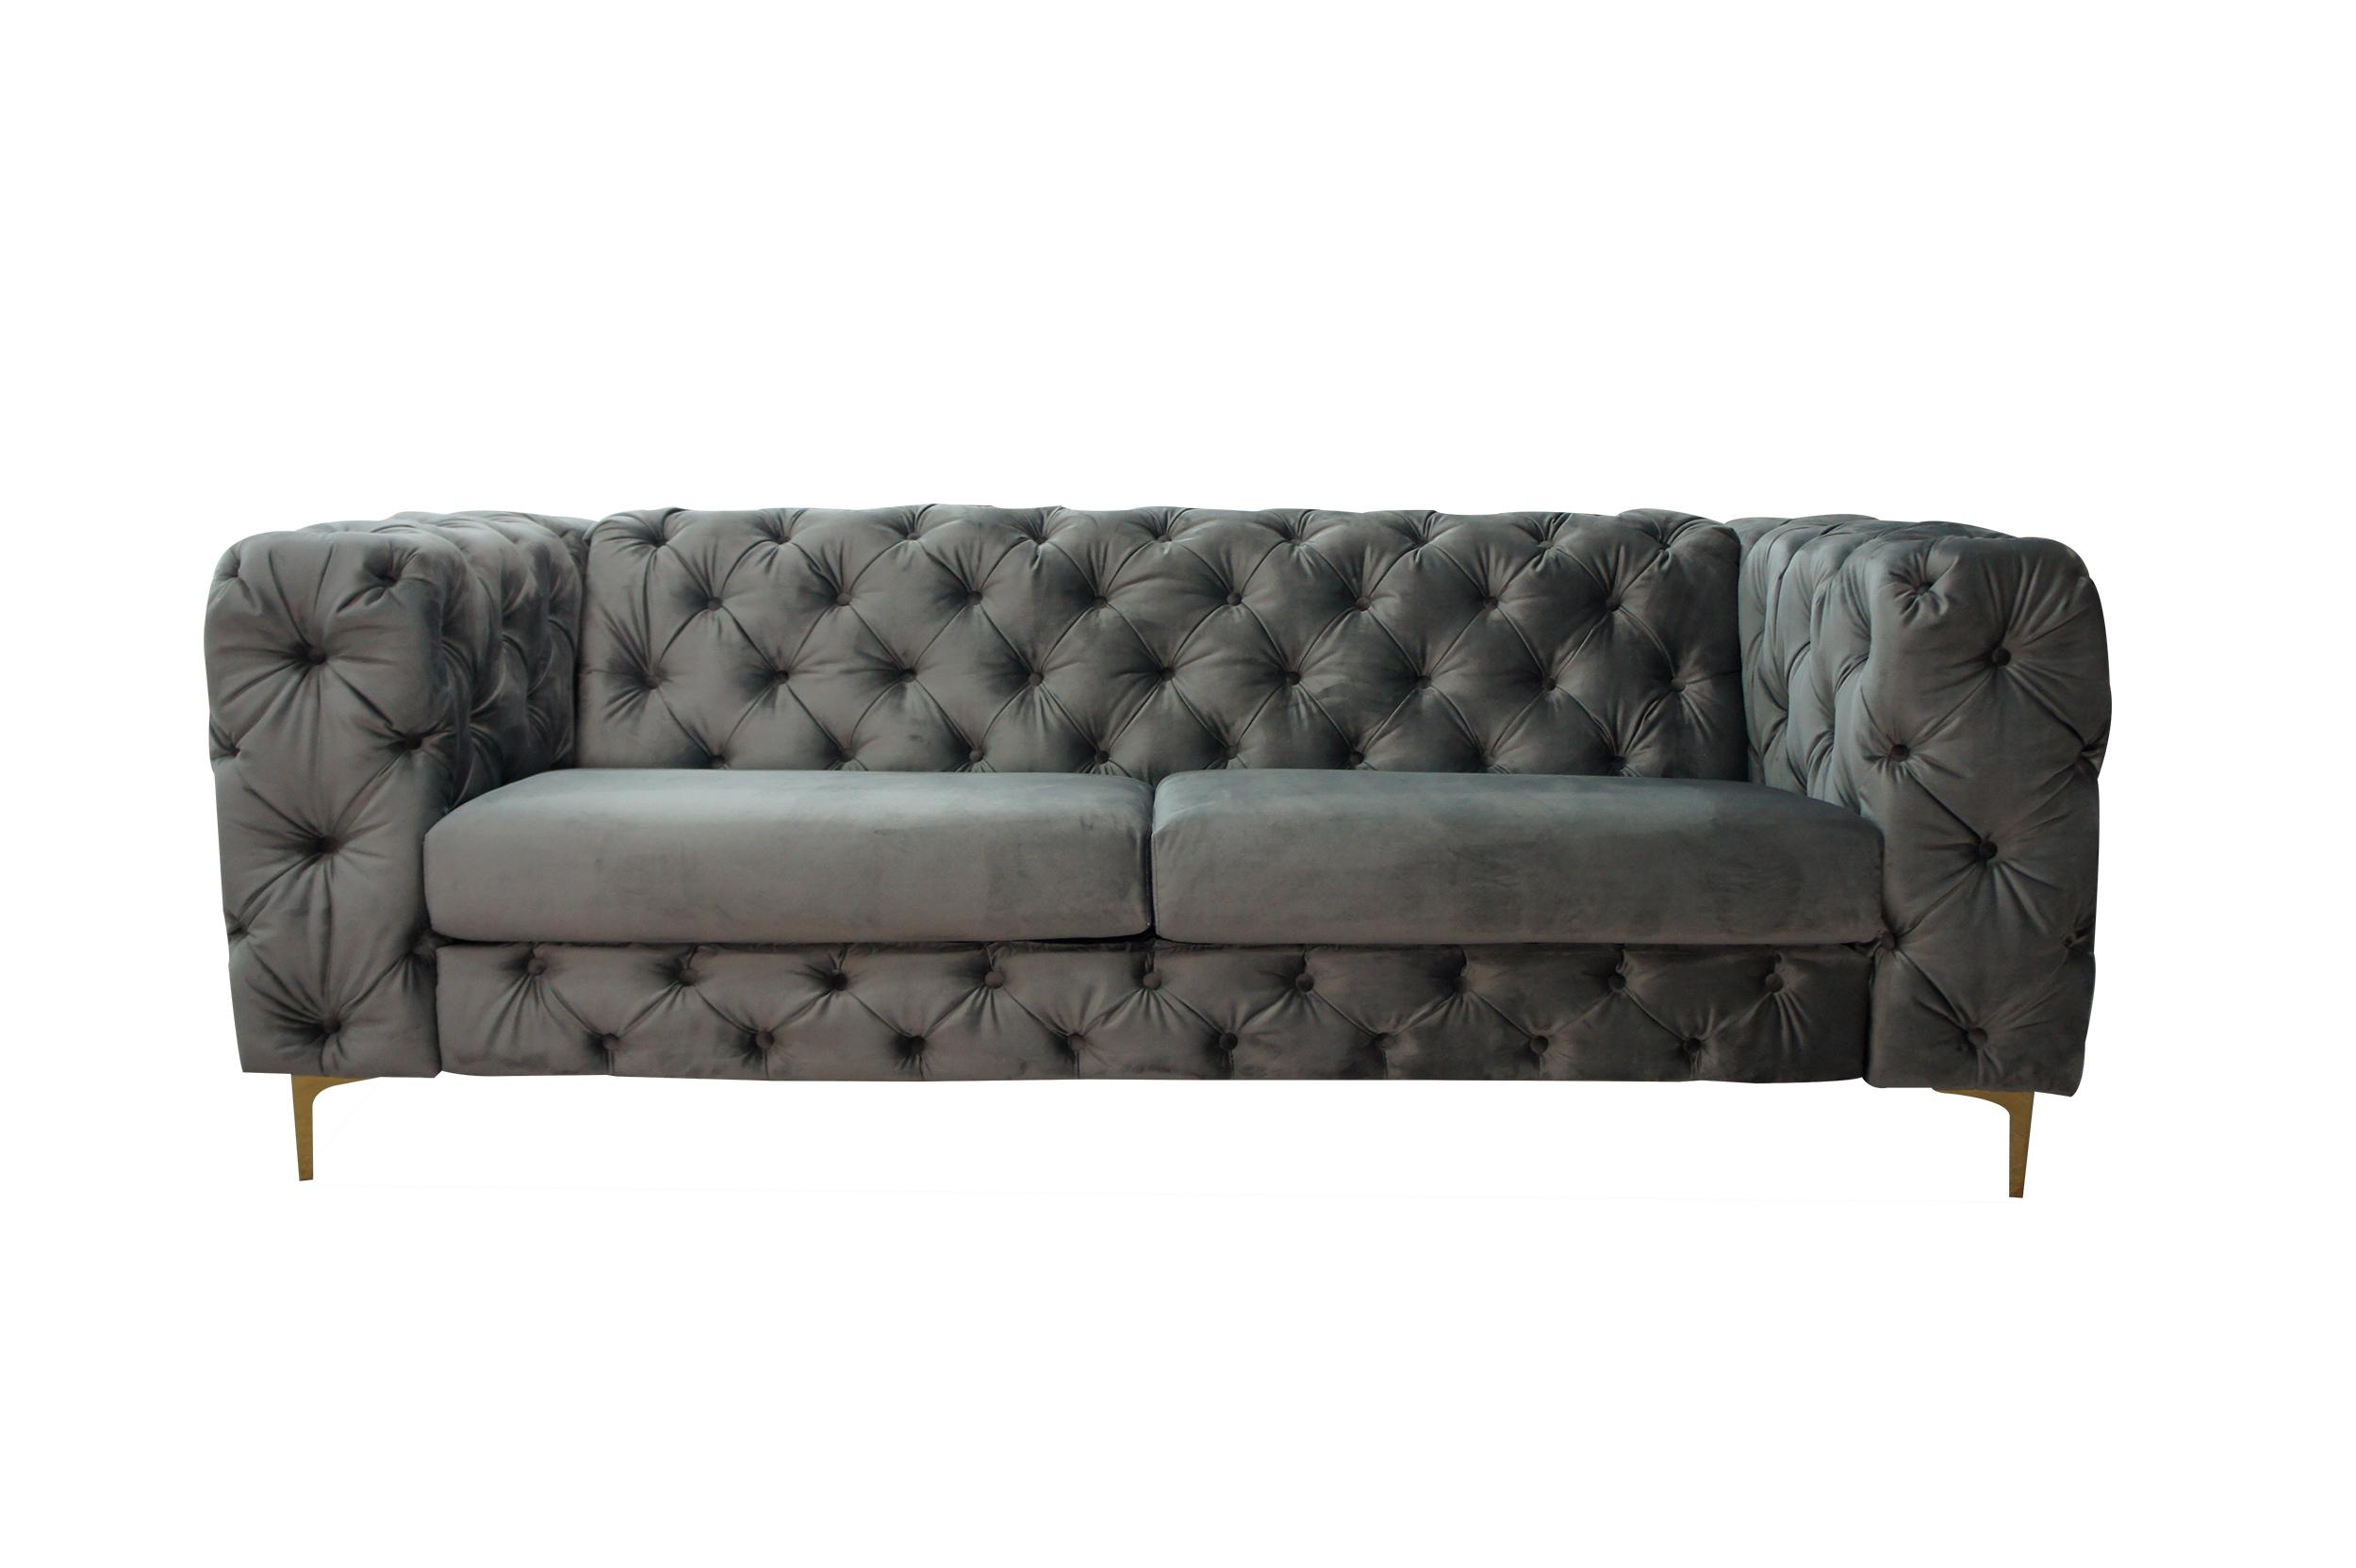 Full Size of 3er Sofa Lc Home Dreisitzer Couch Kingdom Chesterfield Samt Barock Xxl U Form Alcantara Türkis Garnitur 2 Teilig Englisch Mit Relaxfunktion Stilecht Sofa 3er Sofa